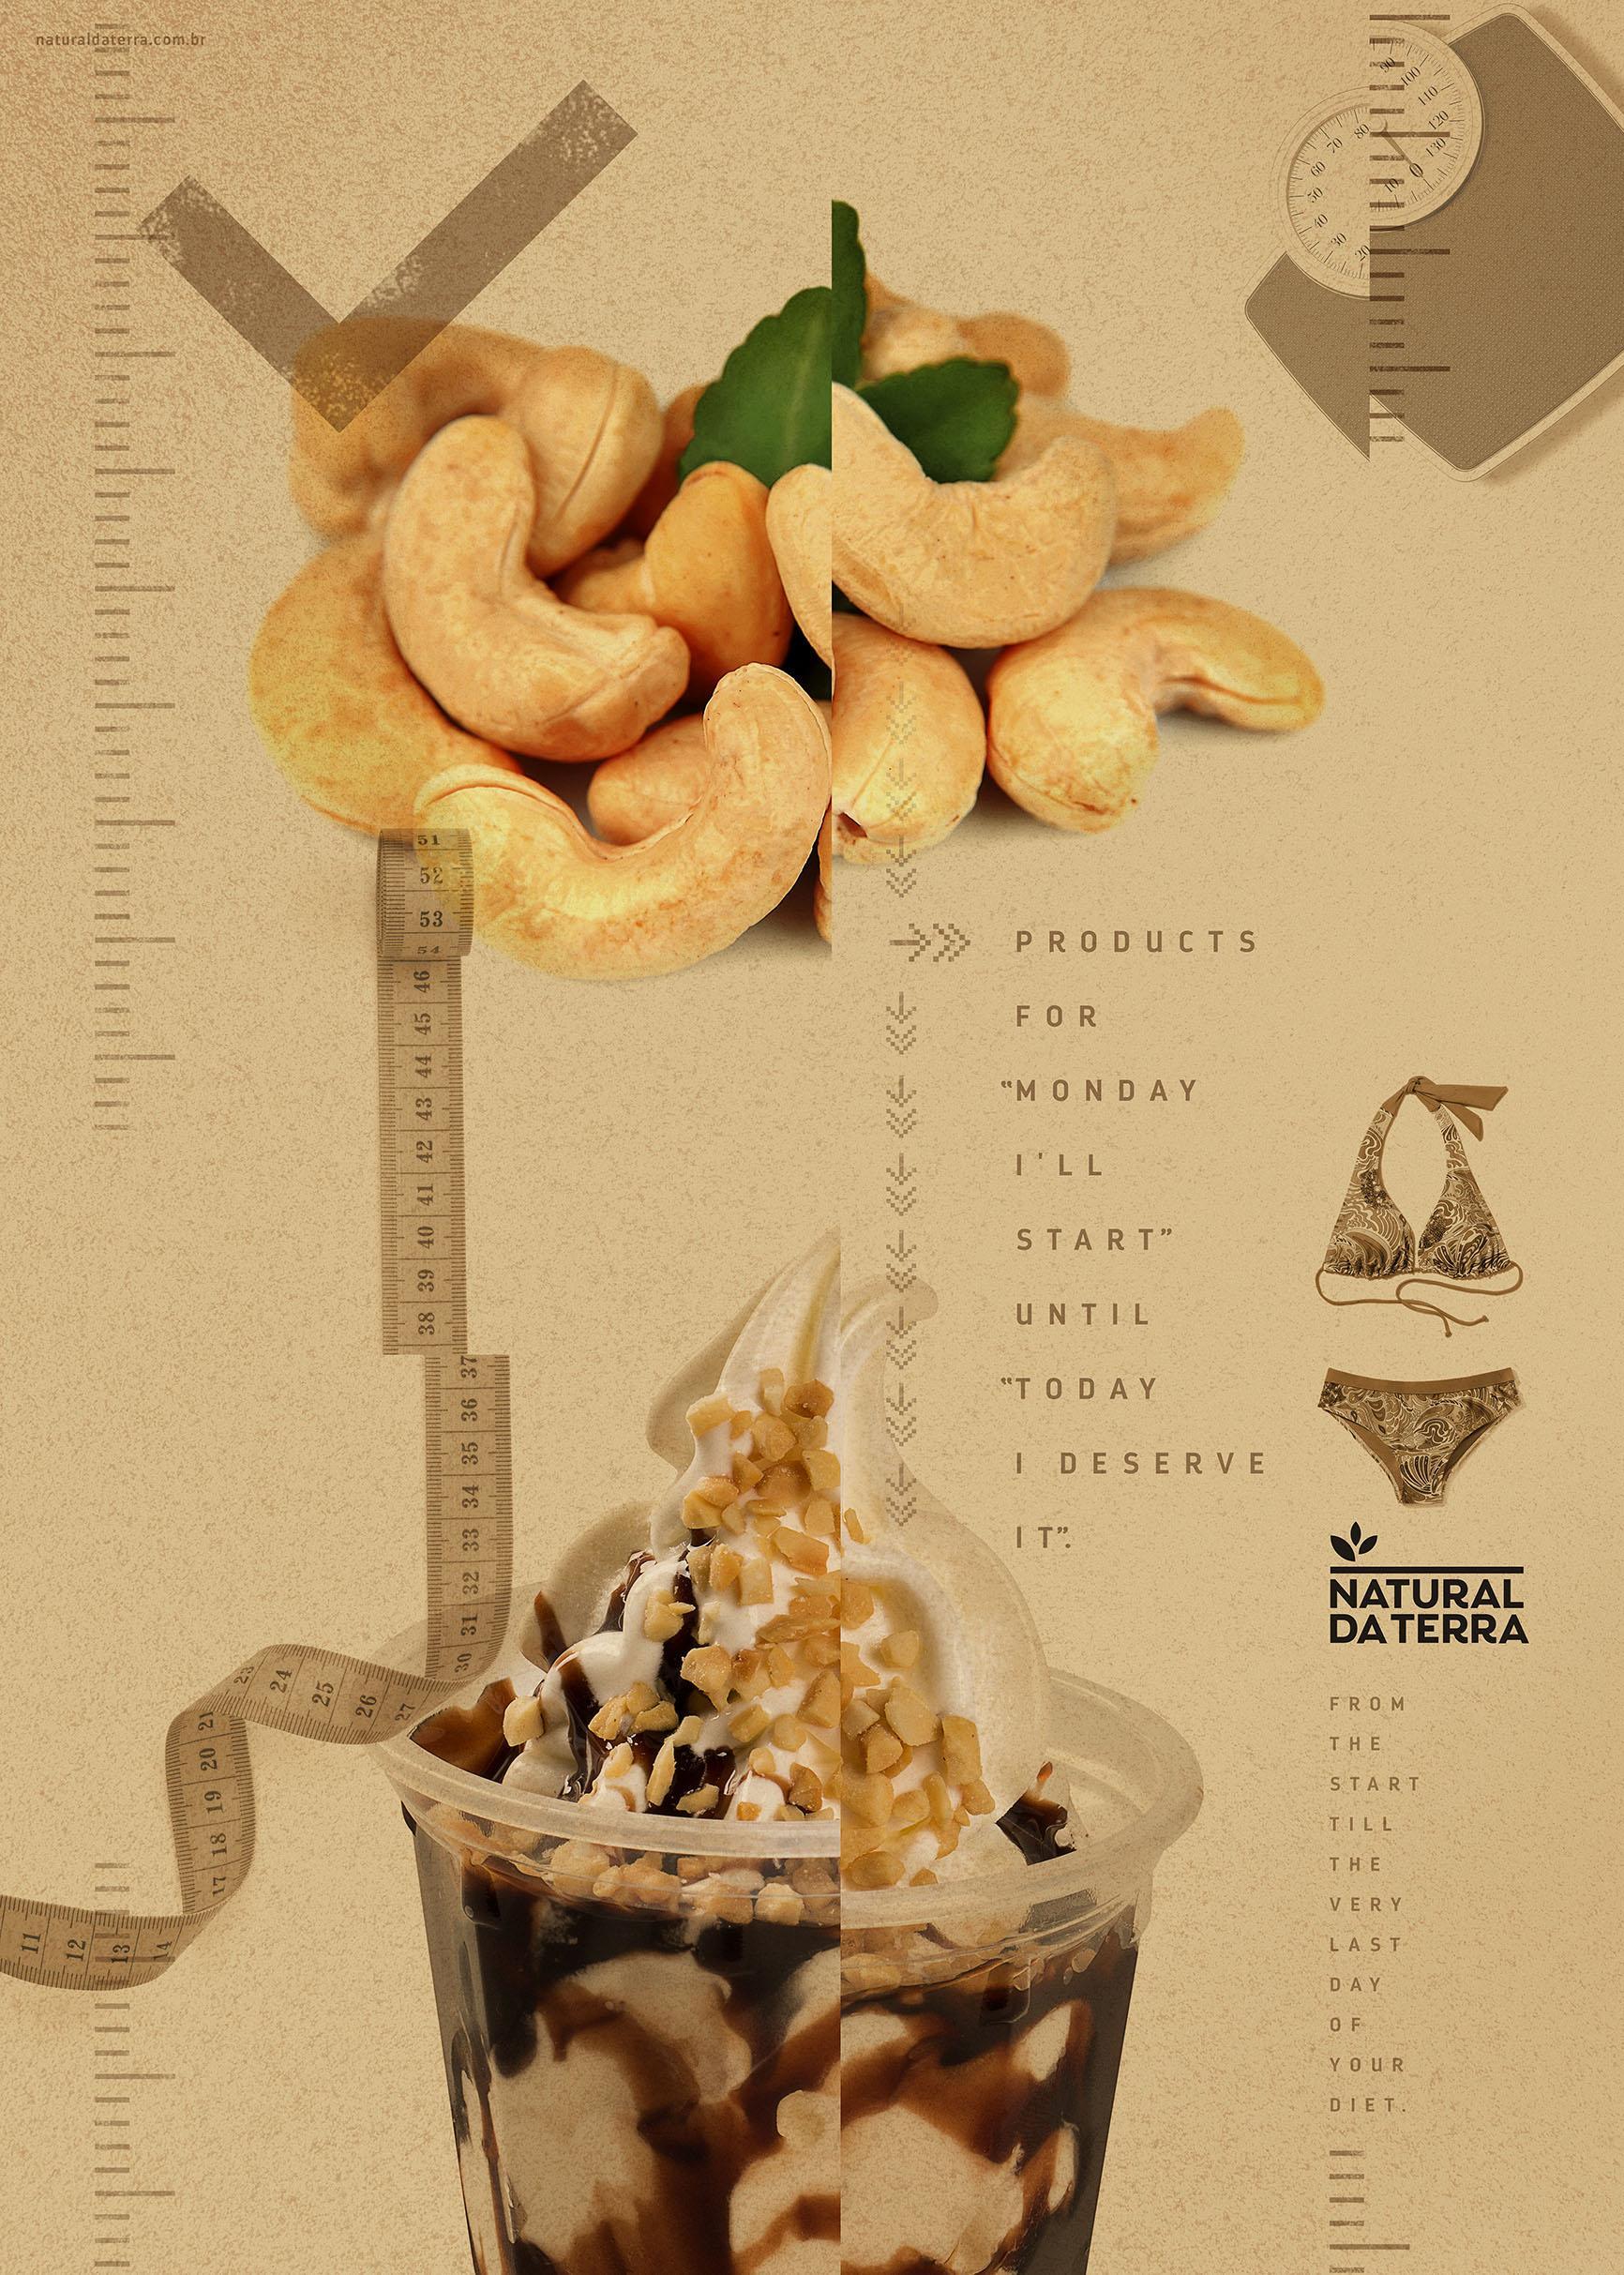 Natural da Terra Print Ad - Diet - Cashew Nuts